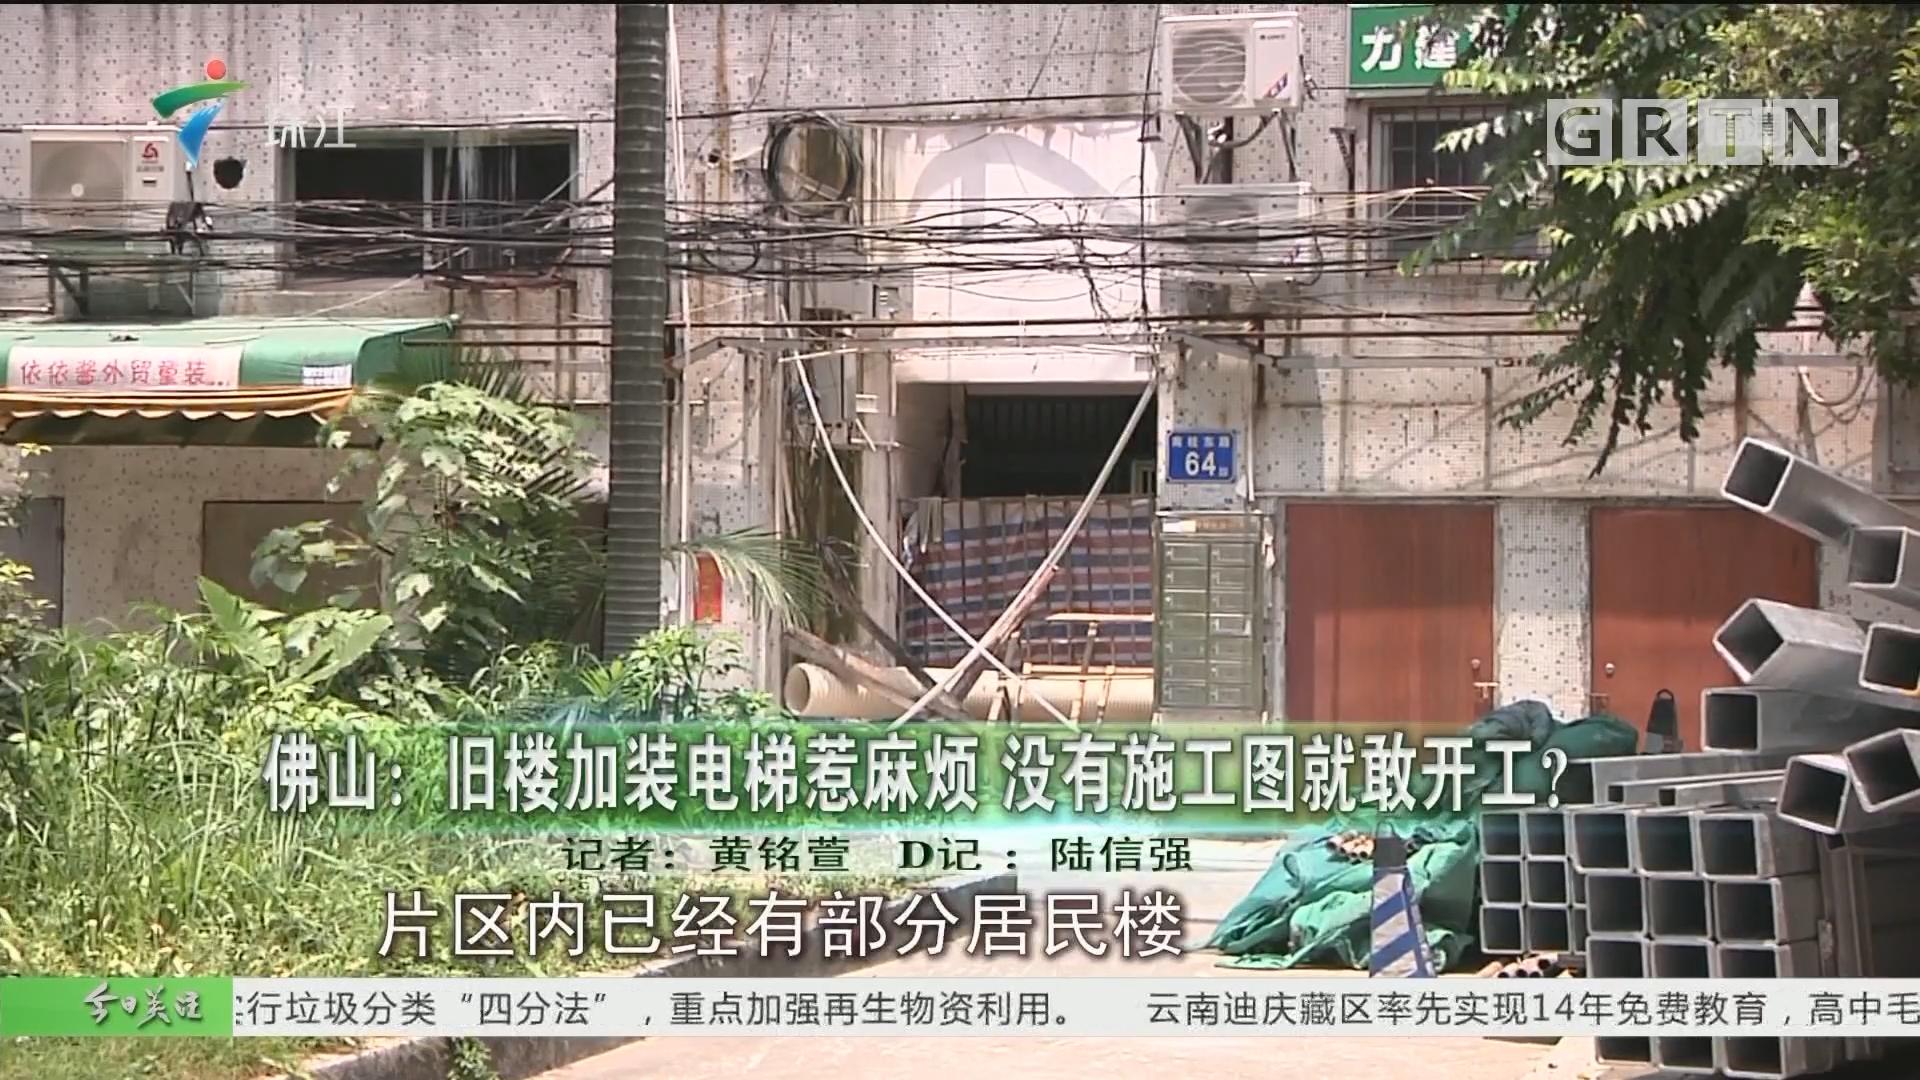 佛山:旧楼加装电梯惹麻烦 没有施工图就敢开工?